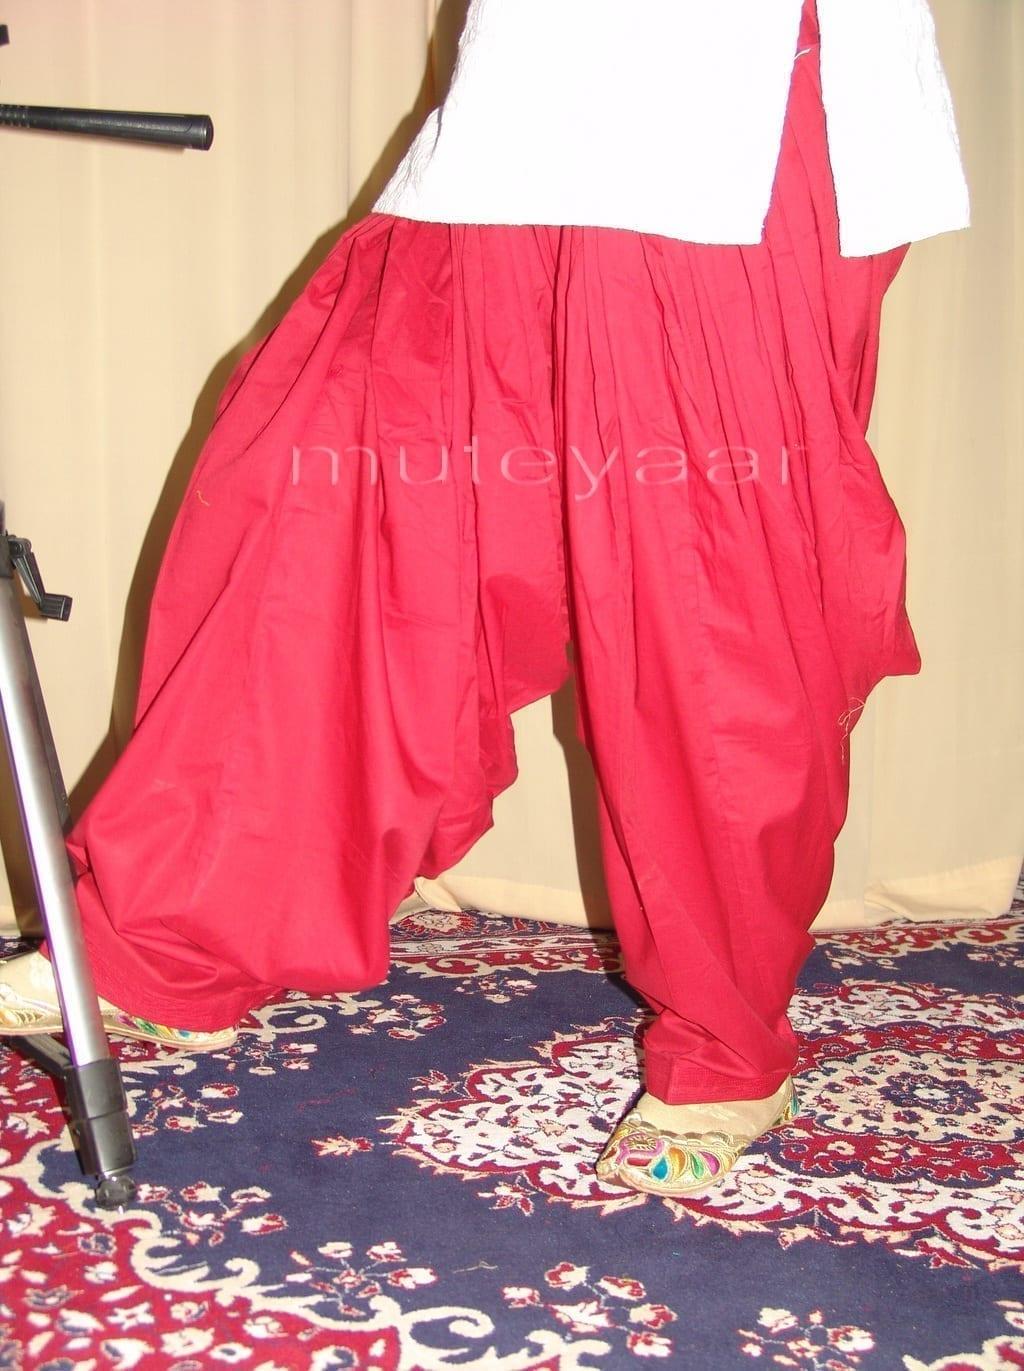 Patiala Salwars Wholesale Lot of 25 Pure Cotton Pants - Mix colours 21